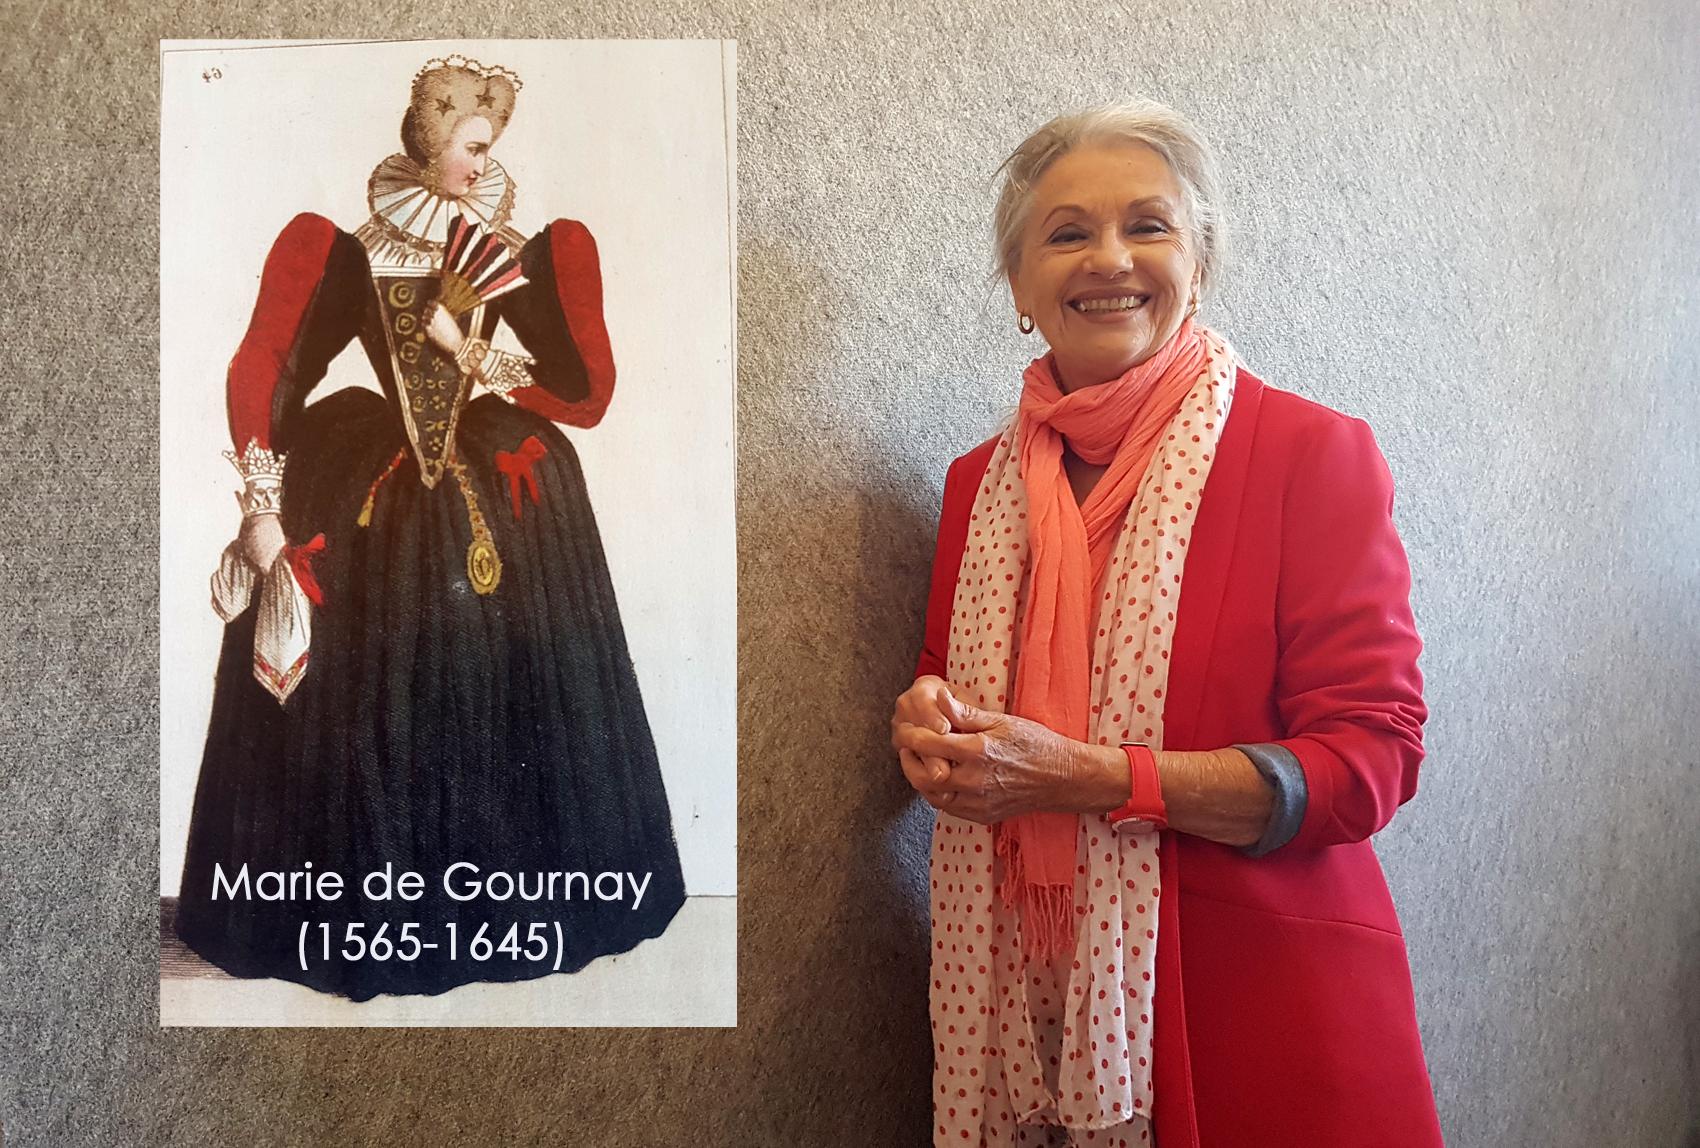 Marie de Gournay et Jacqueline Hennegrave